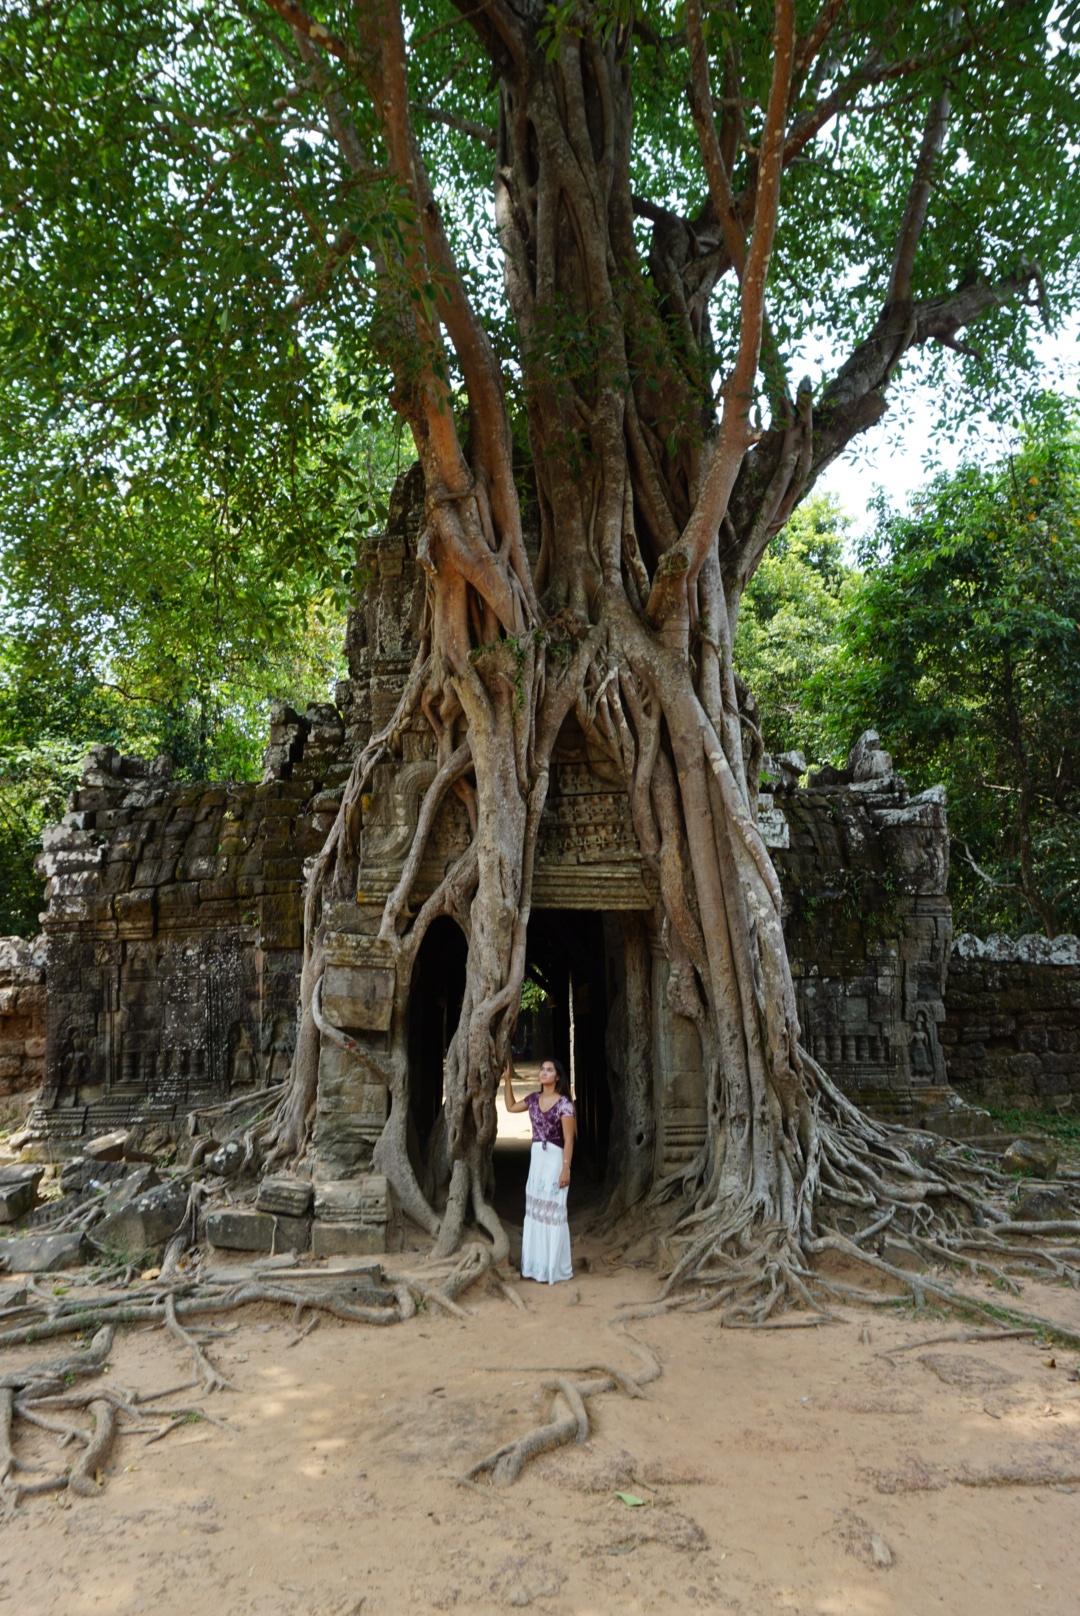 Strangler fig tree at Ta Som